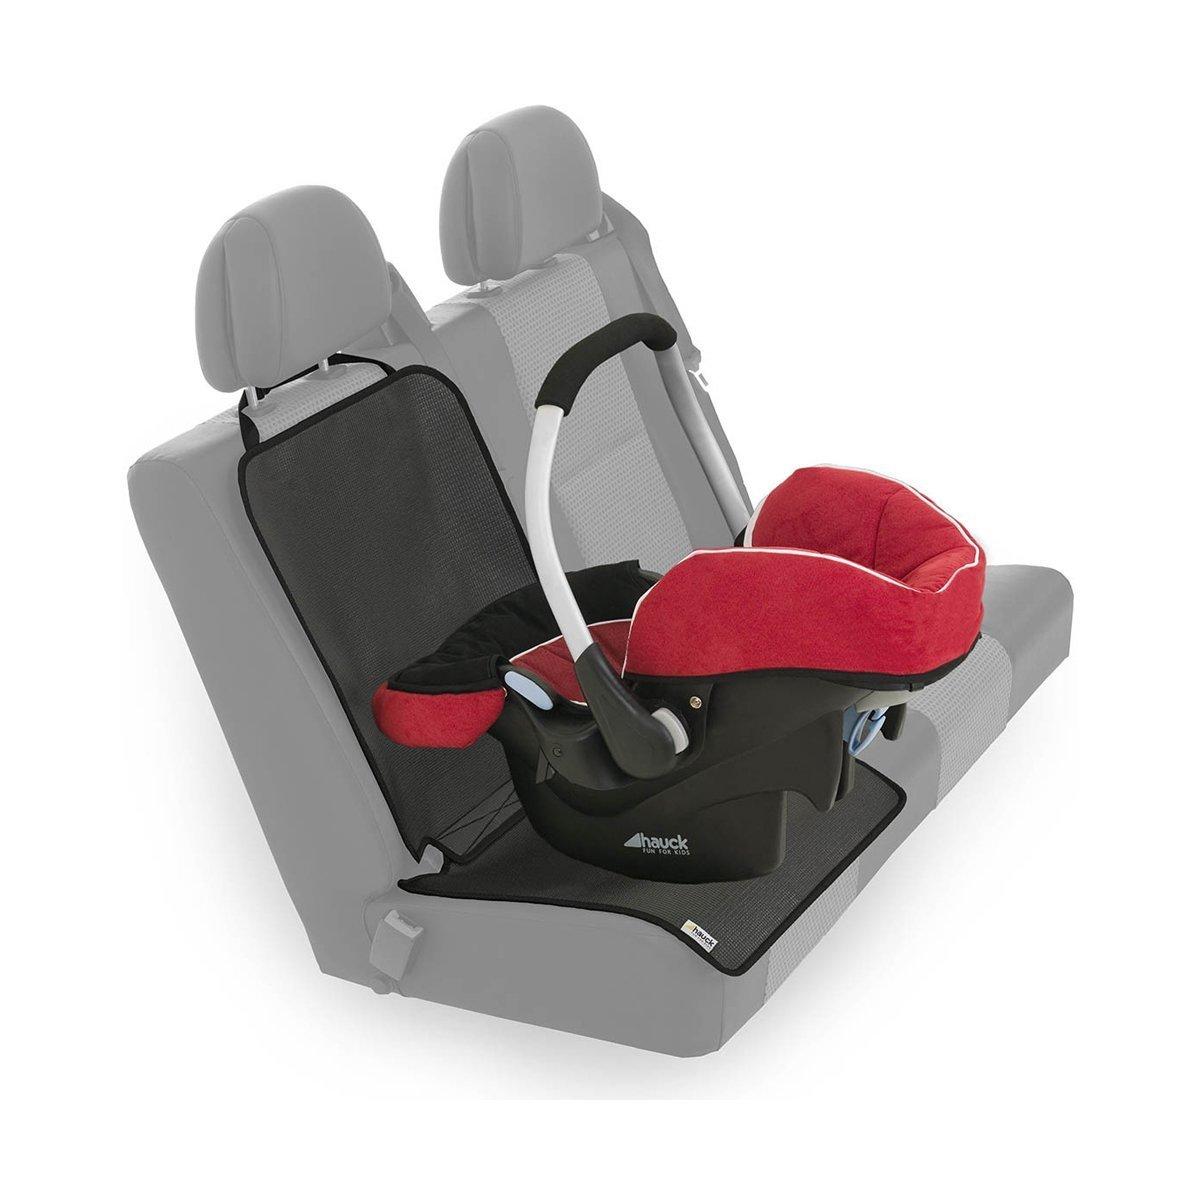 Купить Аксессуары для автокресел, Защитный коврик под автокресло Sit On Me 61801-1 ТМ: Hauck